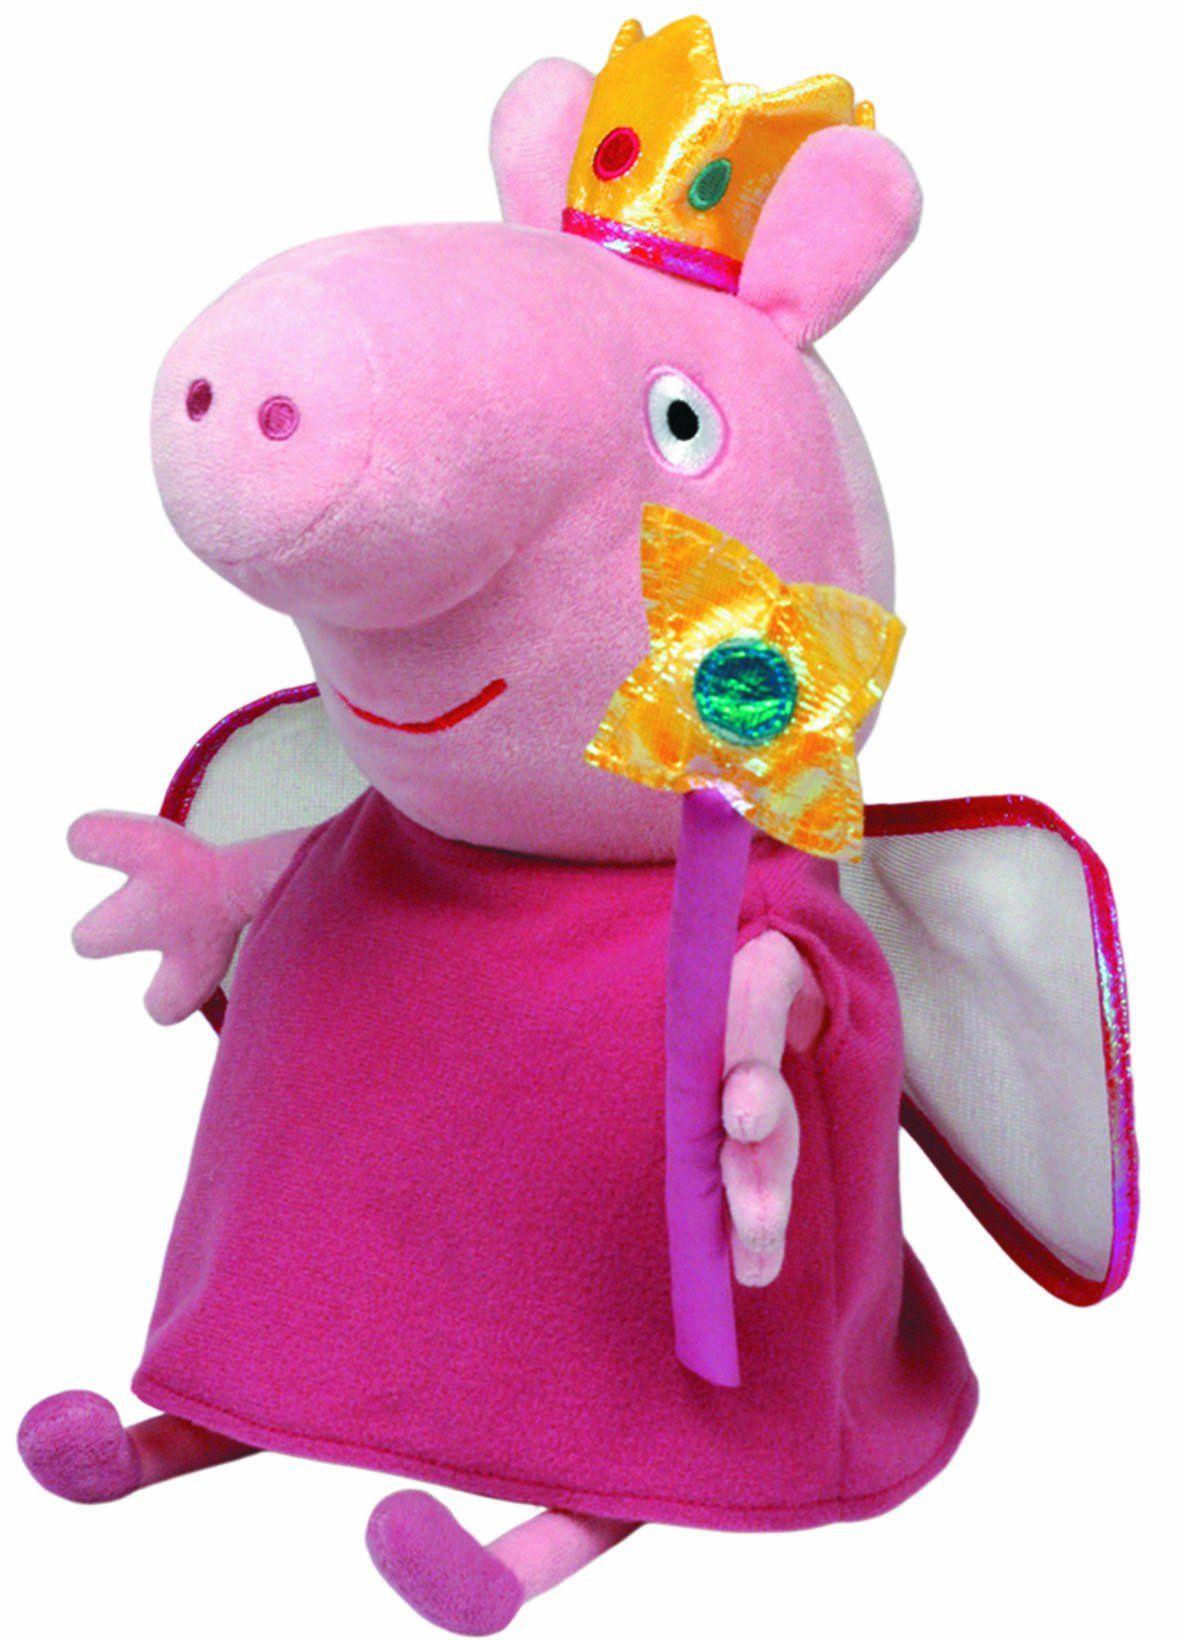 704b5f4cce9 Peppa Pig - Peluche de Peppa Pig vestida de hada (TY)  Amazon.es  Juguetes  y juegos